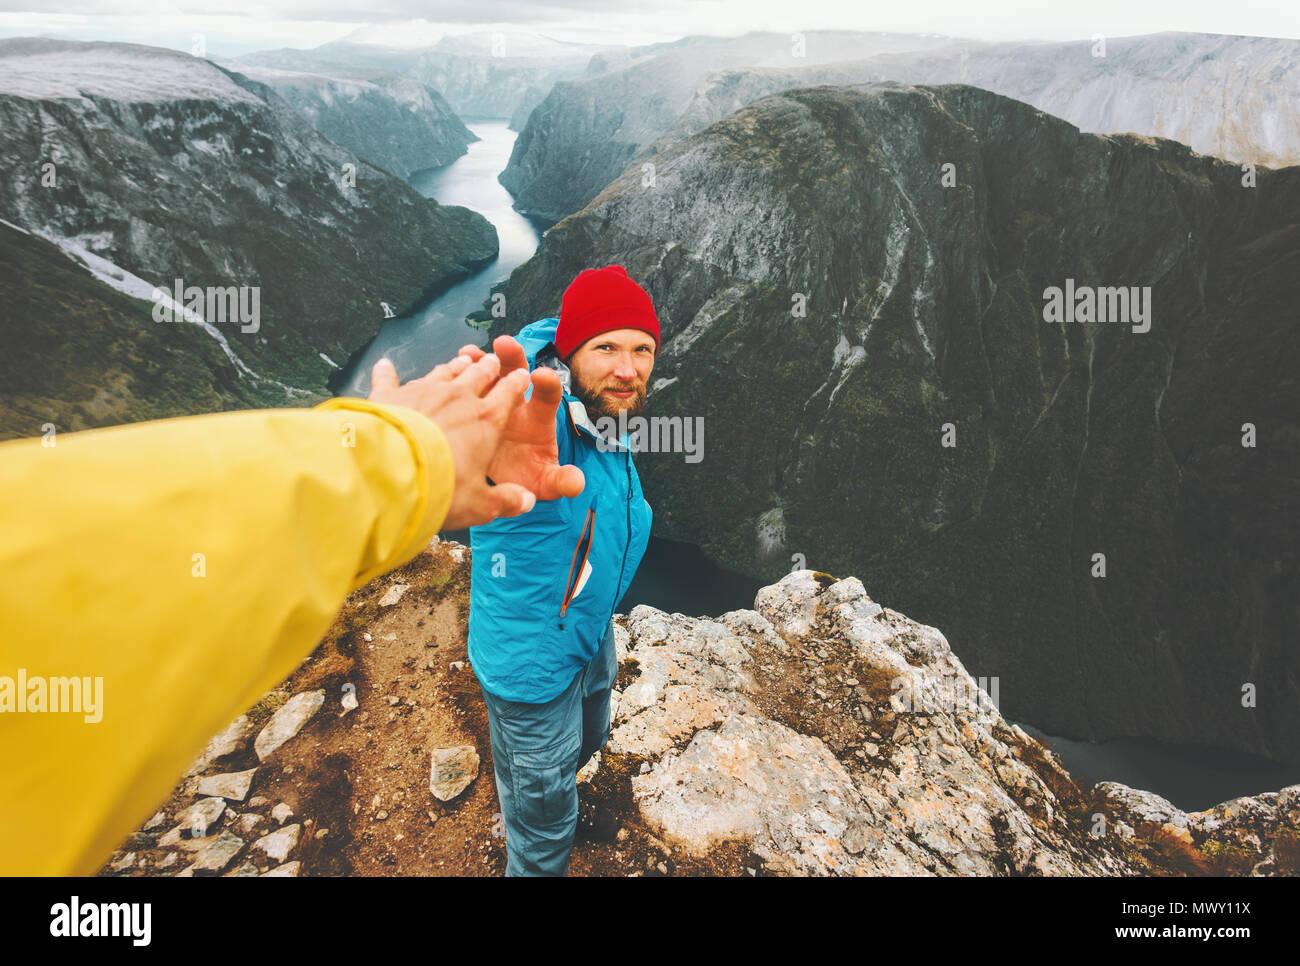 Giovane avventurieri in montagna seguire mano viaggiano insieme il concetto di stile di vita estrema avventura vacanze weekend in Norvegia Immagini Stock